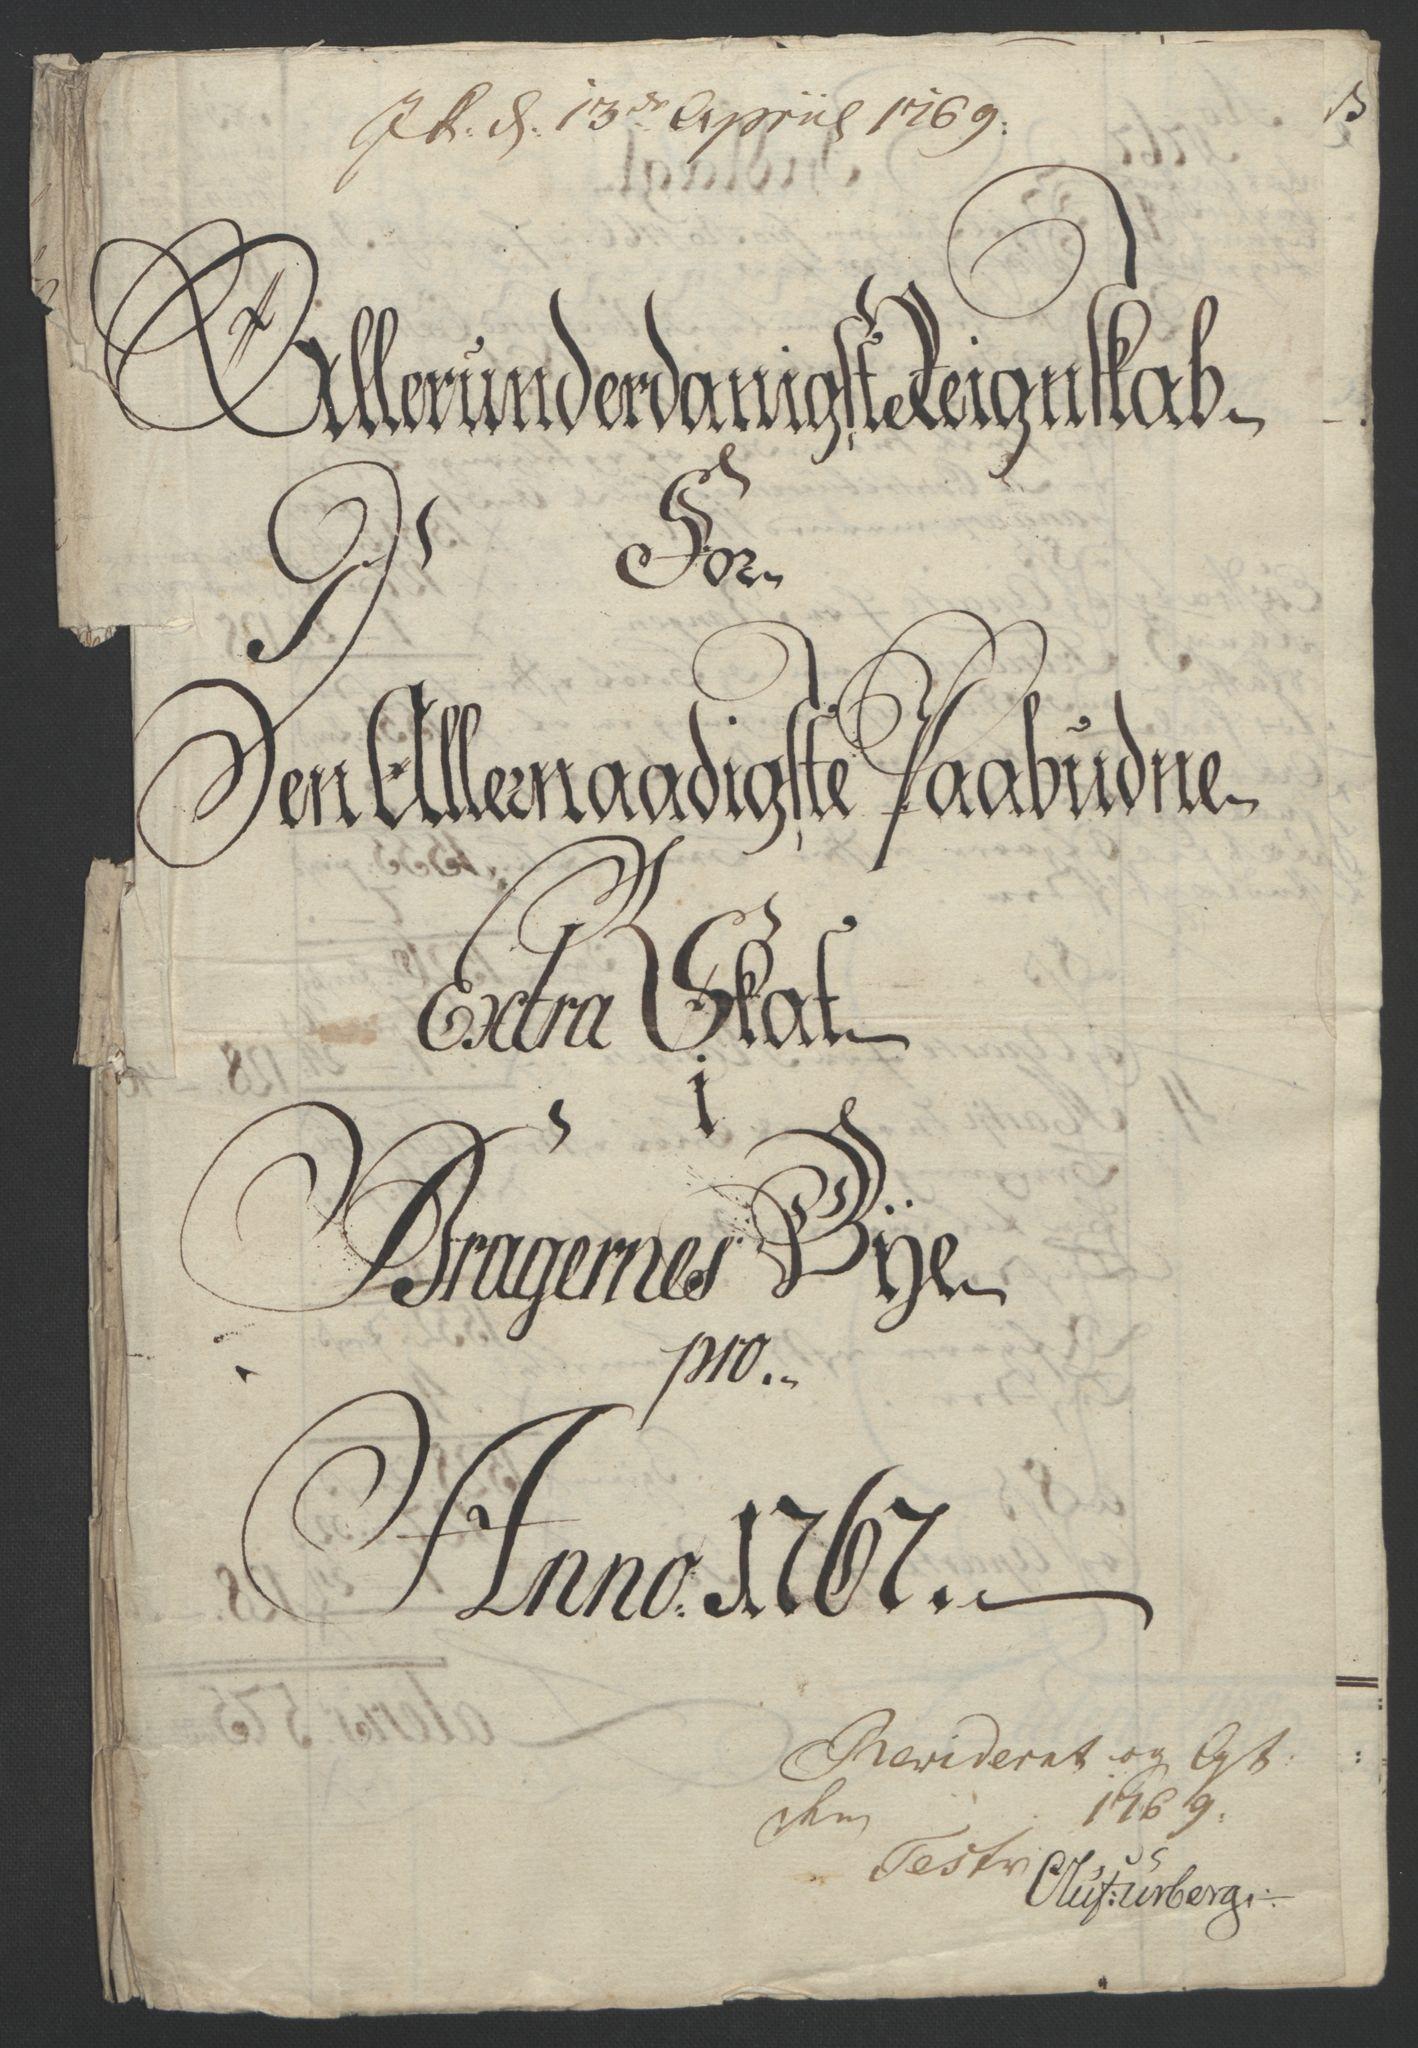 RA, Rentekammeret inntil 1814, Reviderte regnskaper, Byregnskaper, R/Rf/L0119: [F2] Kontribusjonsregnskap, 1762-1767, s. 379